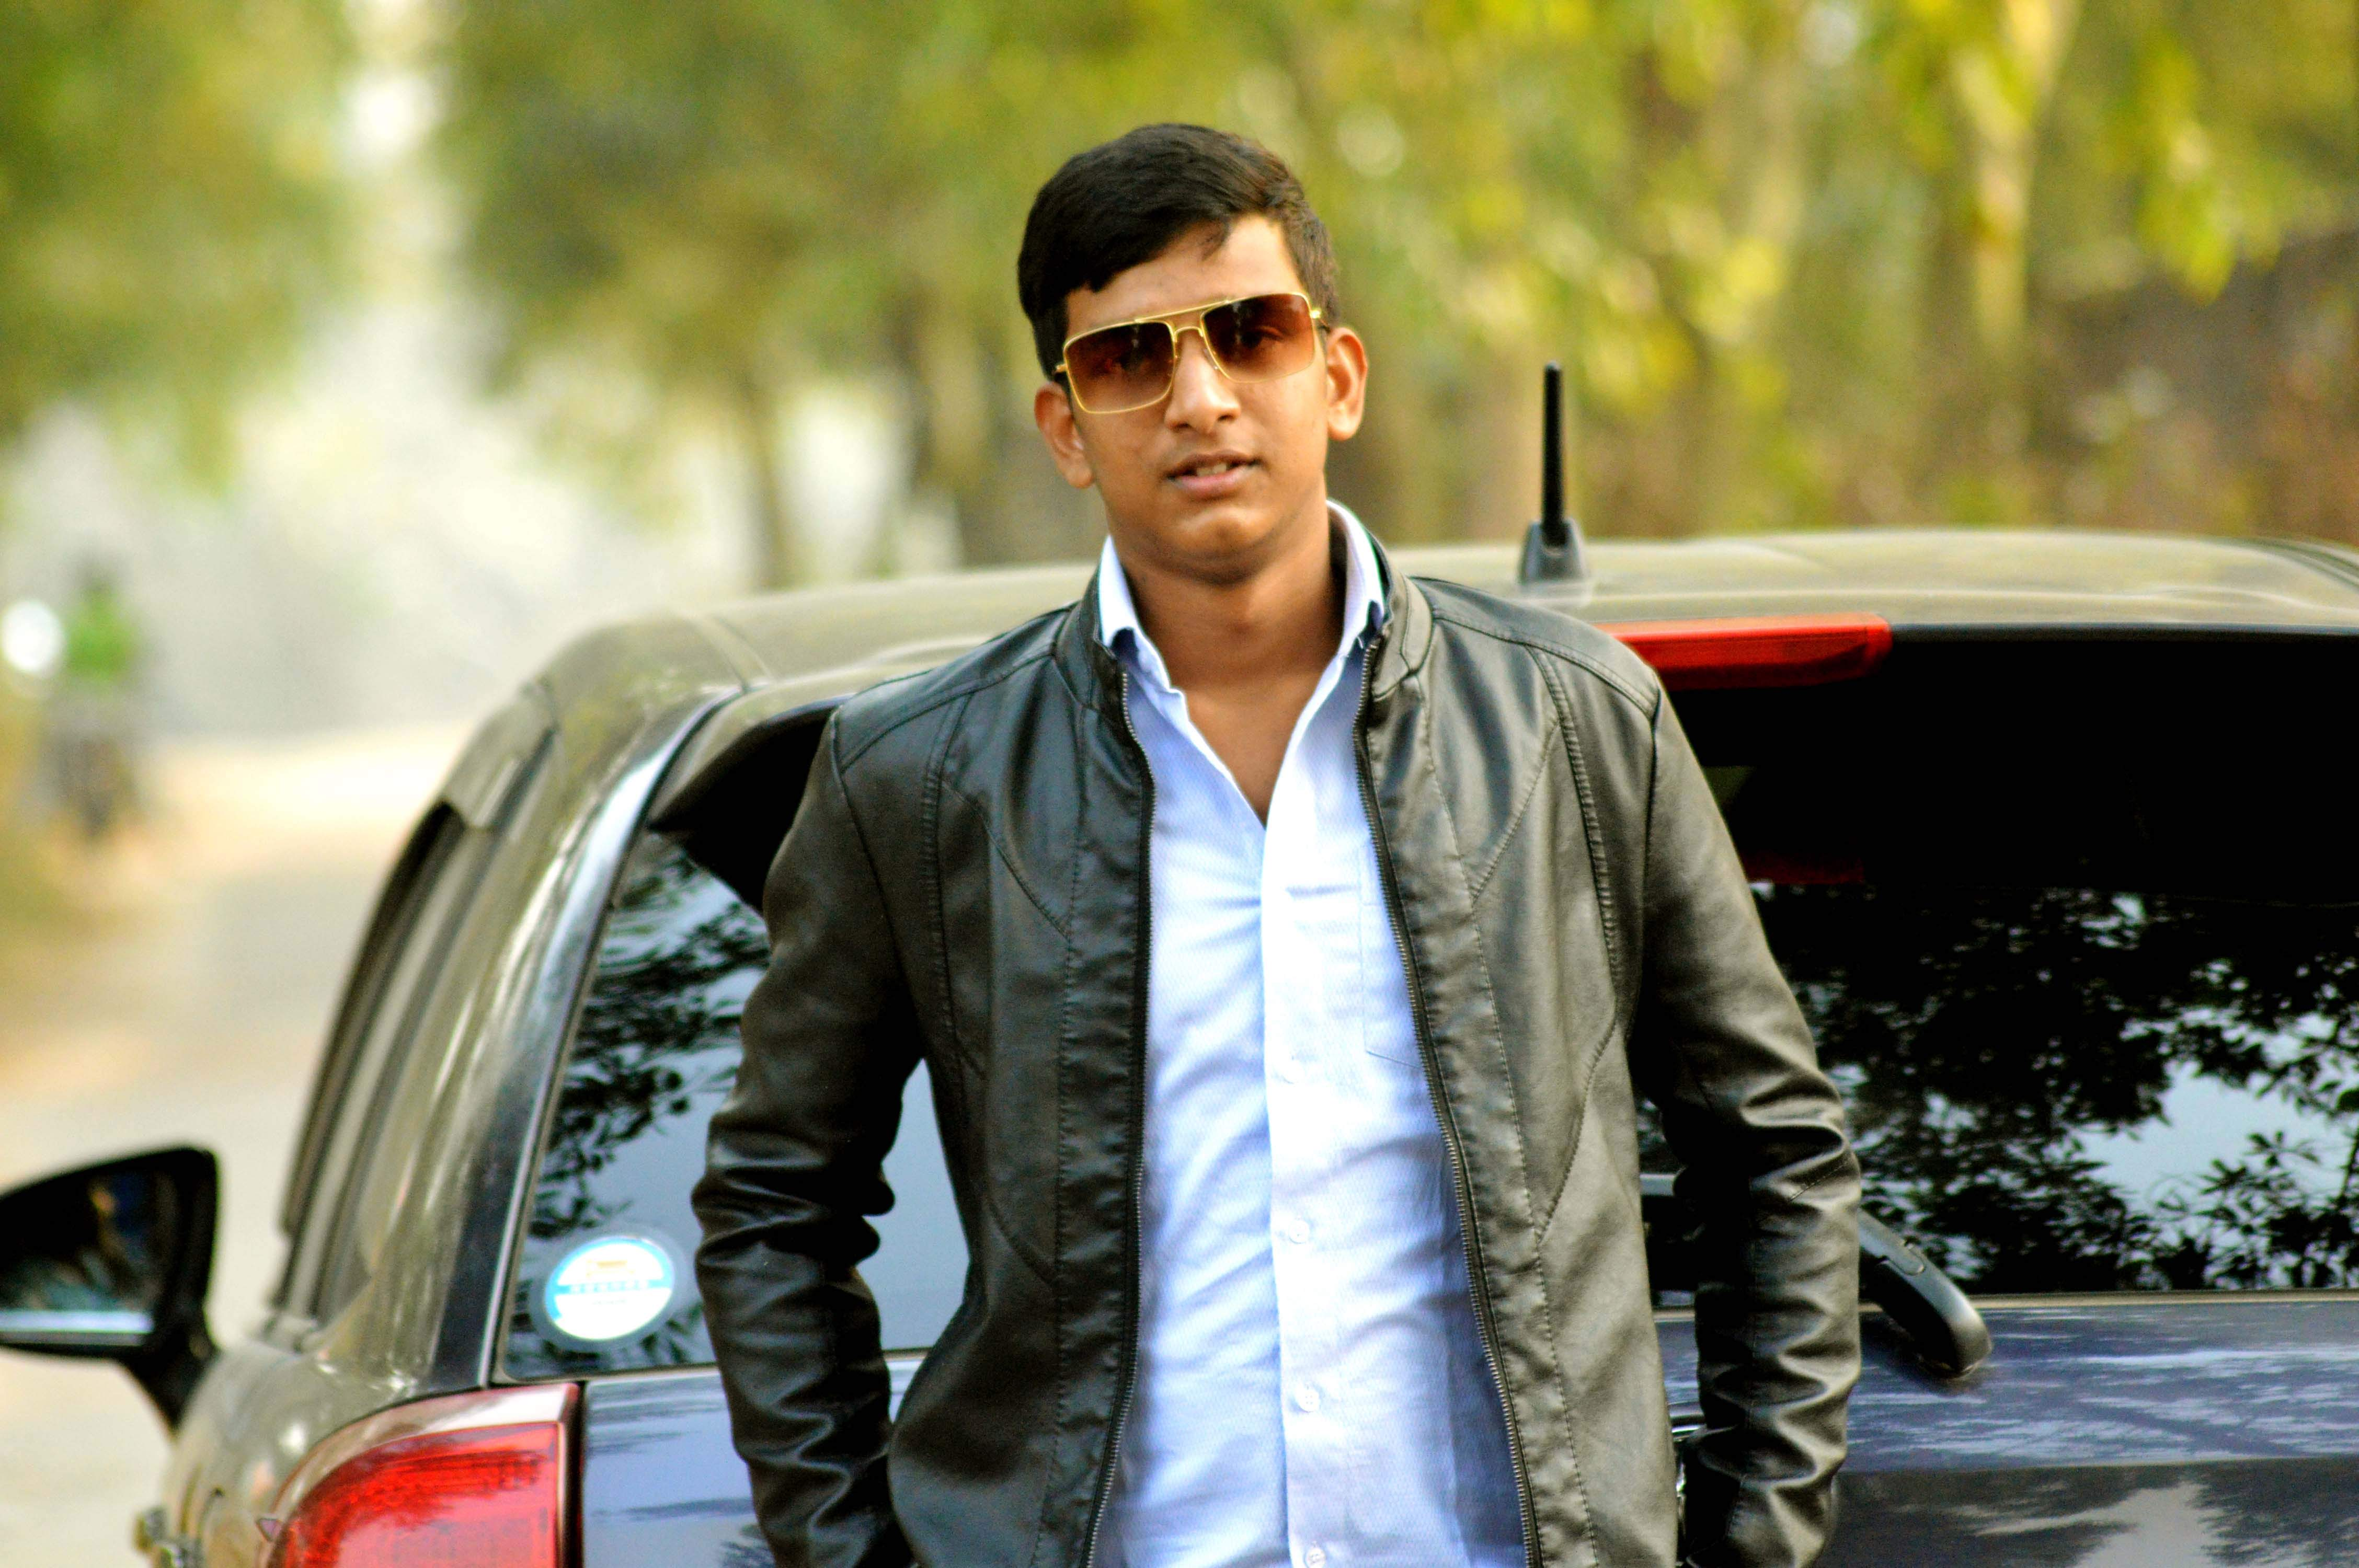 মোঃ মেরাজুর রহমান